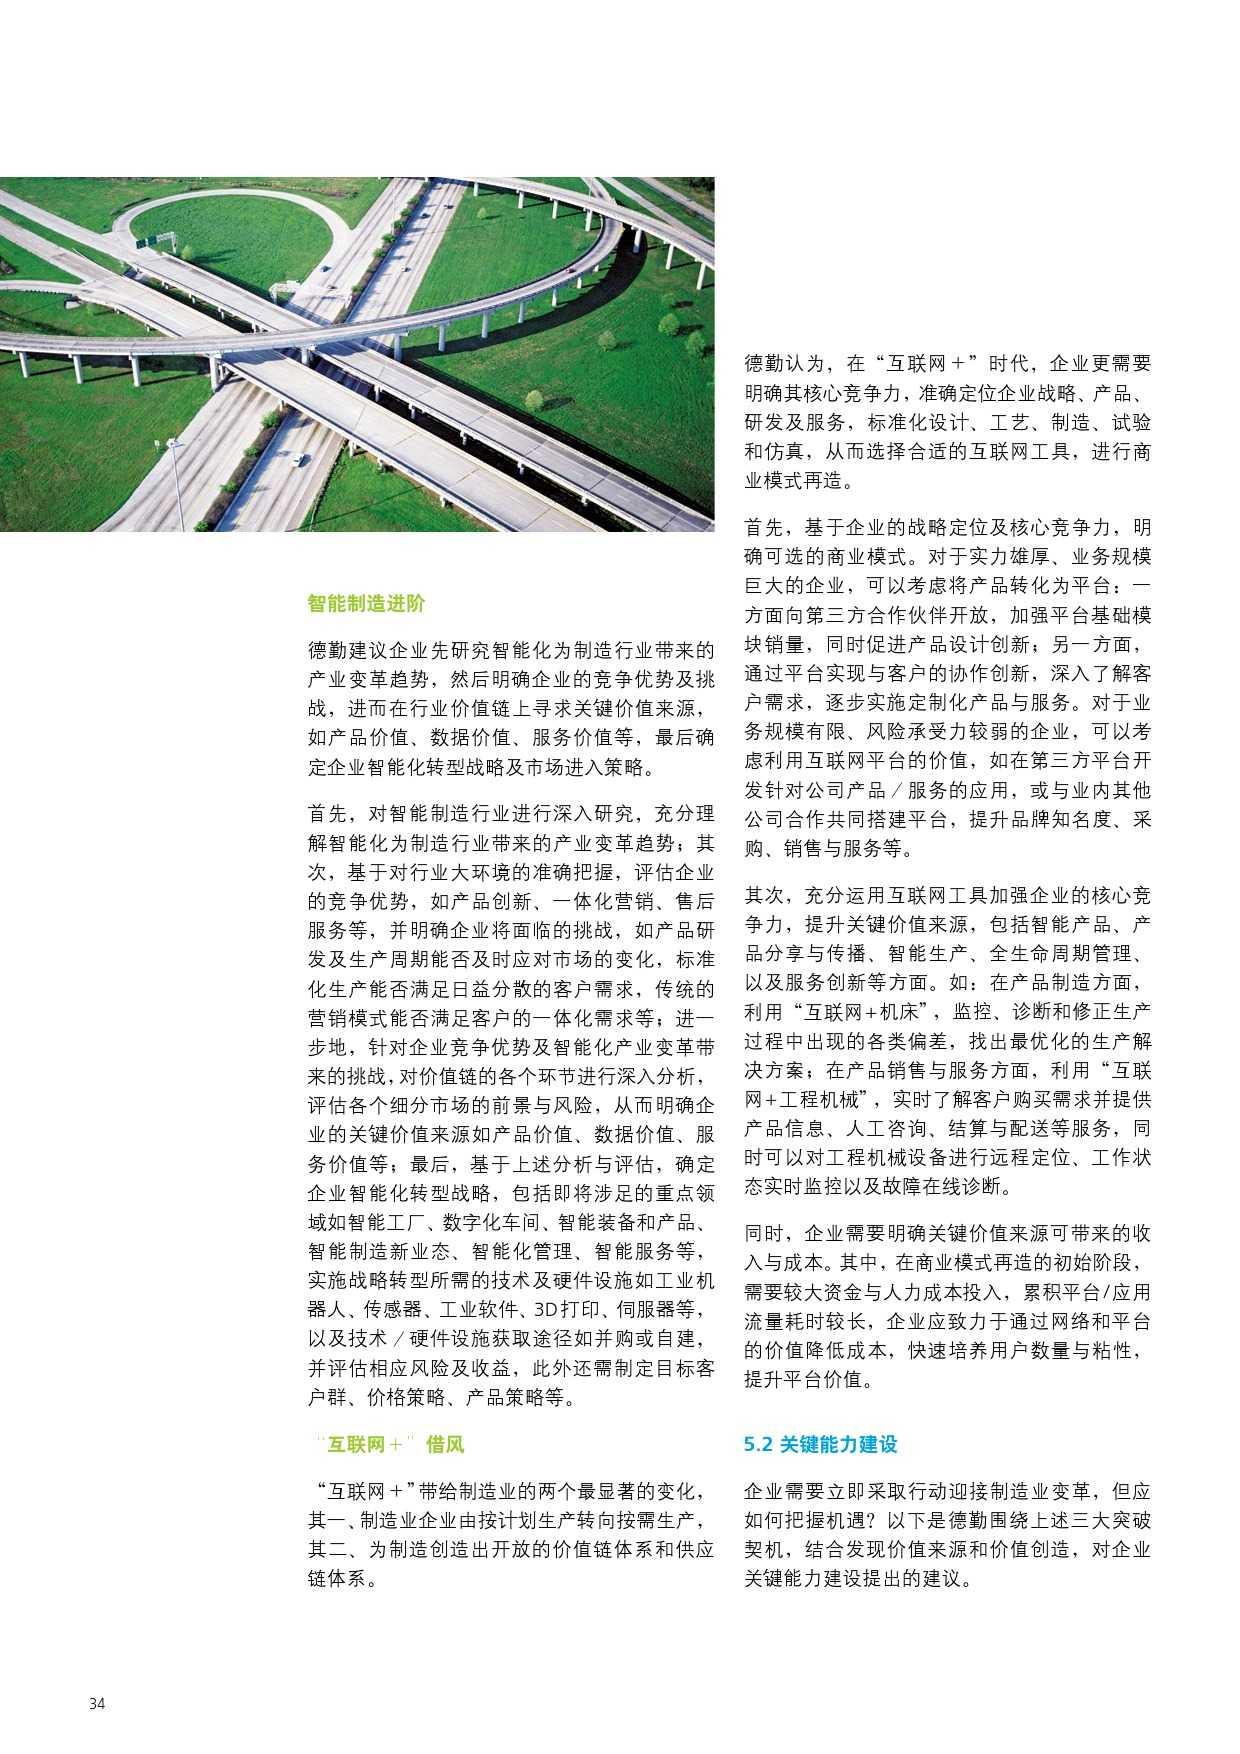 2015年中国制造业企业信息化调查_000036